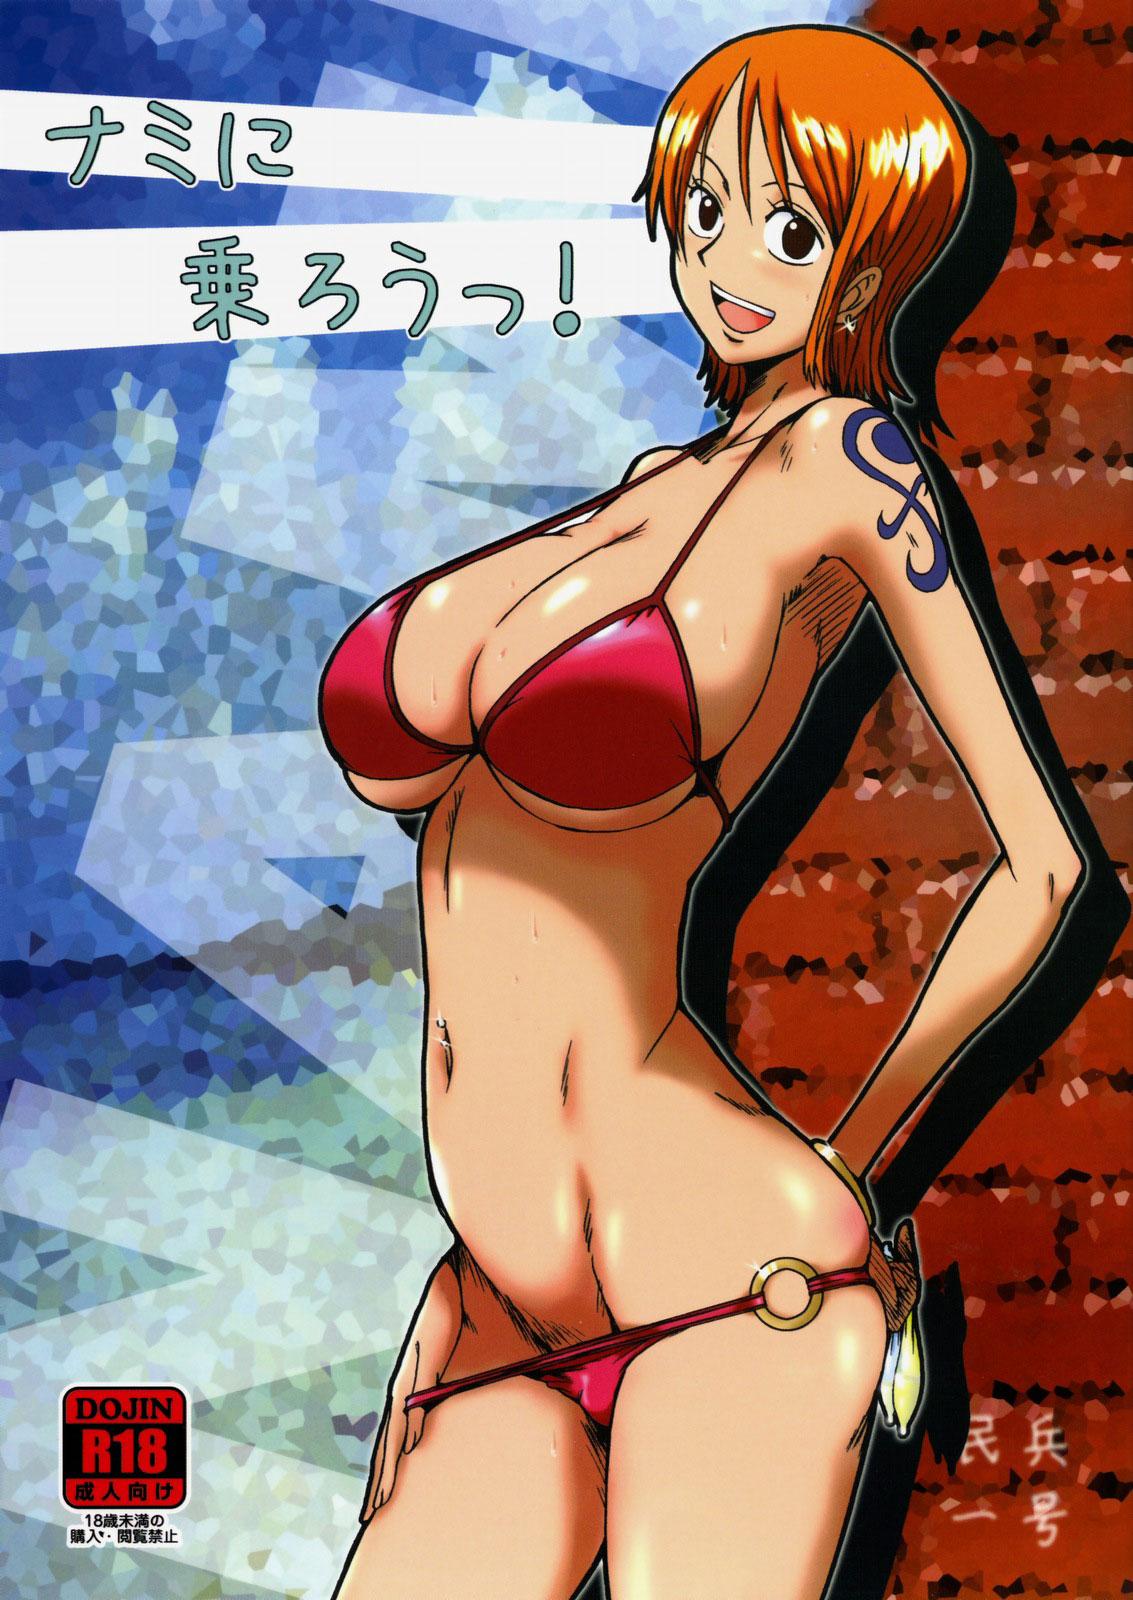 Read (C76) [Dashigara 100% (Minpei Ichigo)] Nami ni norou